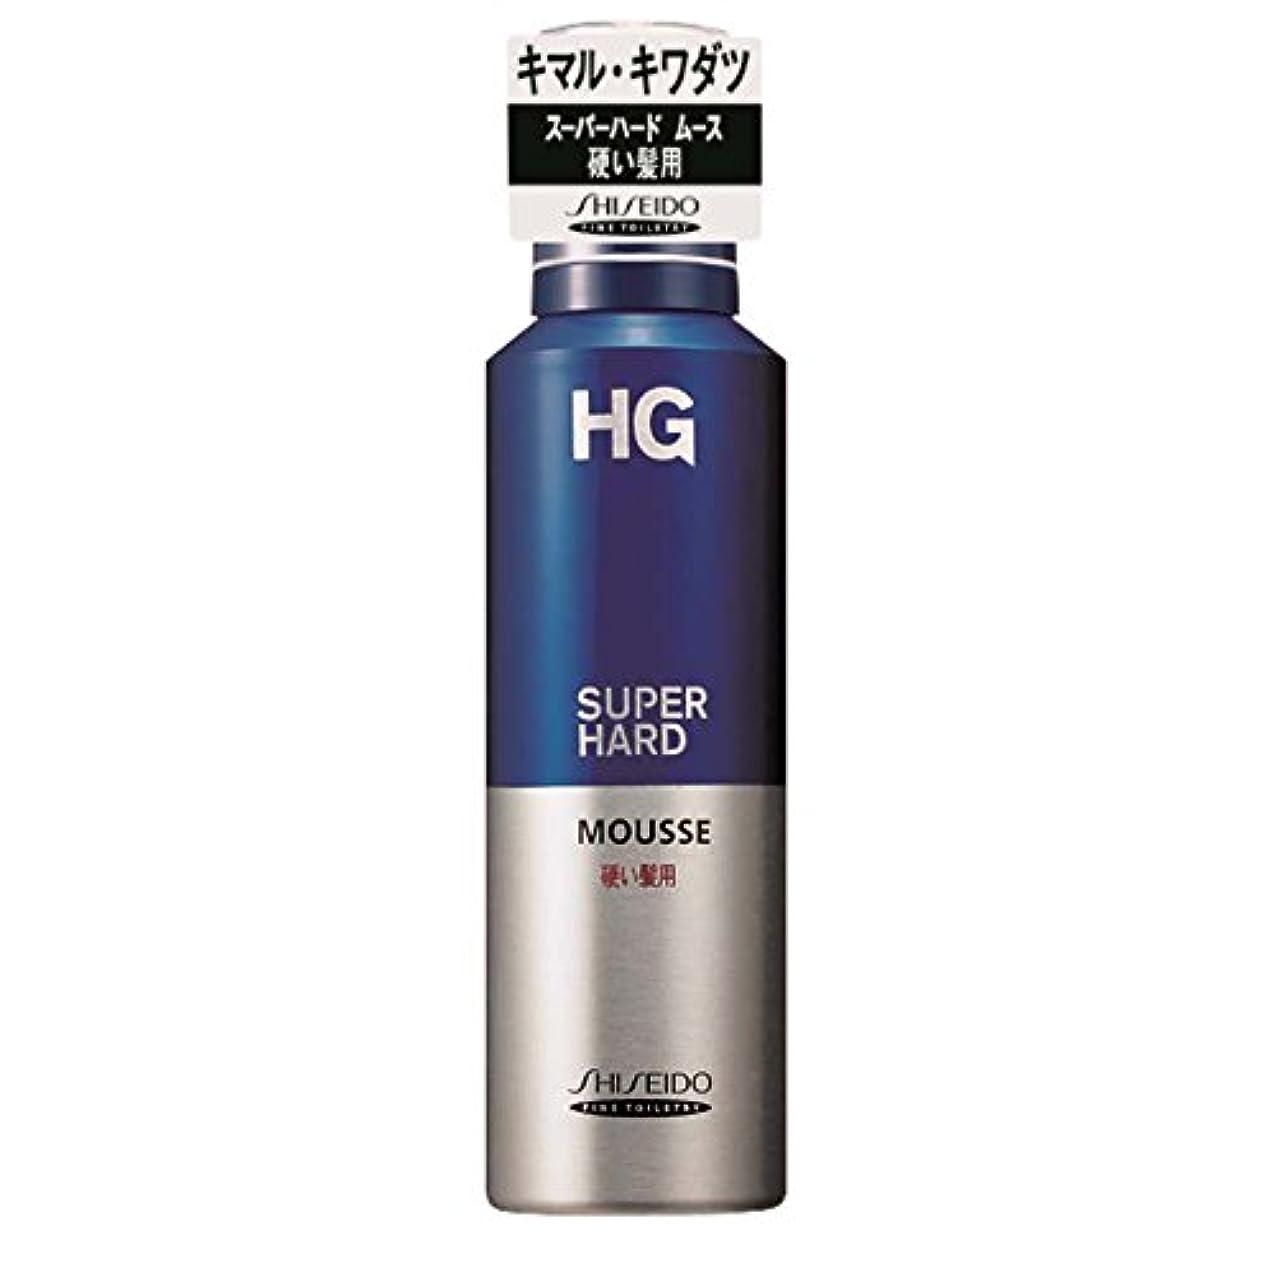 バーター目立つカスケードHG スーパーハード ムース 硬い髪用 180g